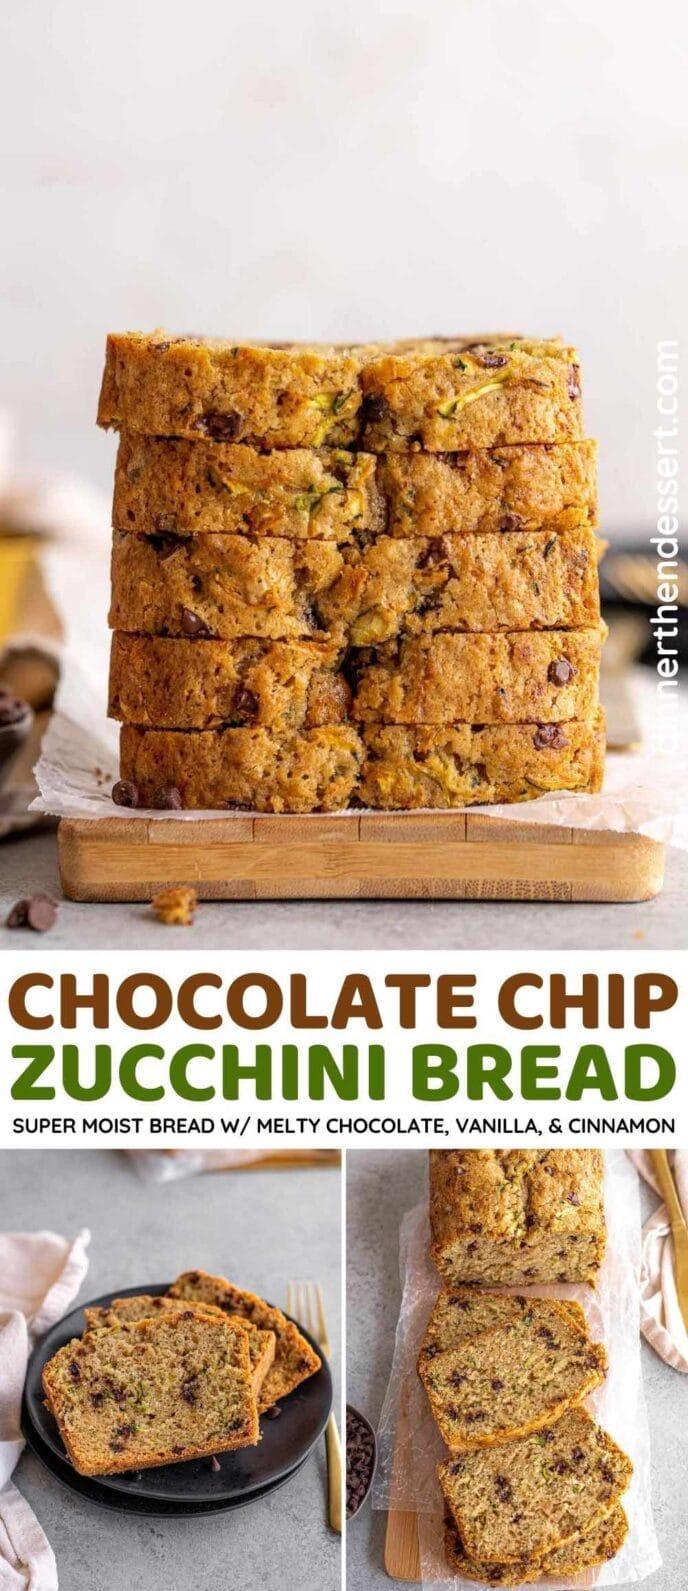 Chocolate Chip Zucchini Bread collage